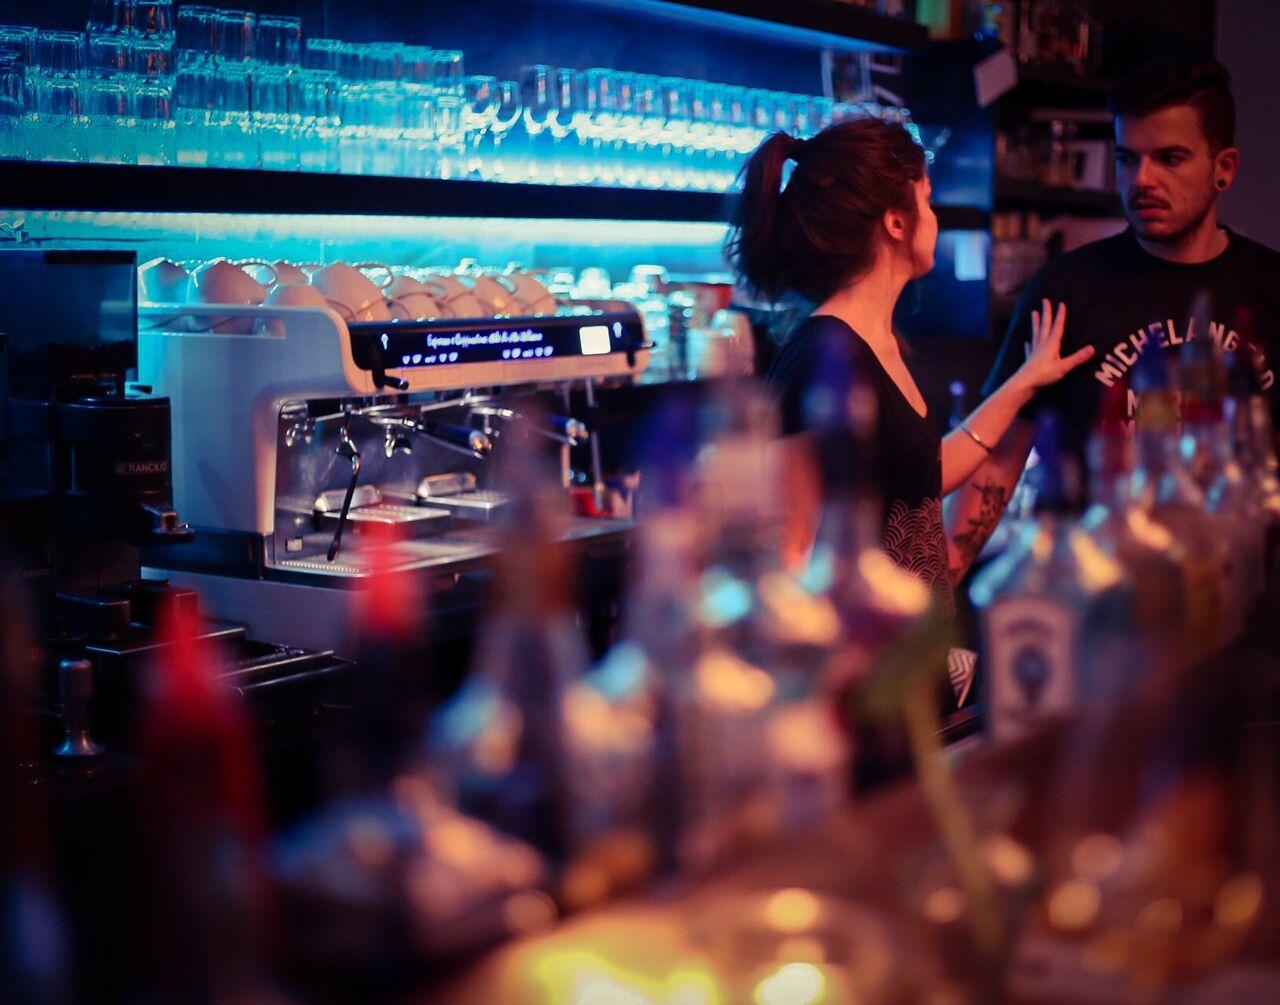 Barlife, im Hintergrund Faema Teorema Kaffemaschine